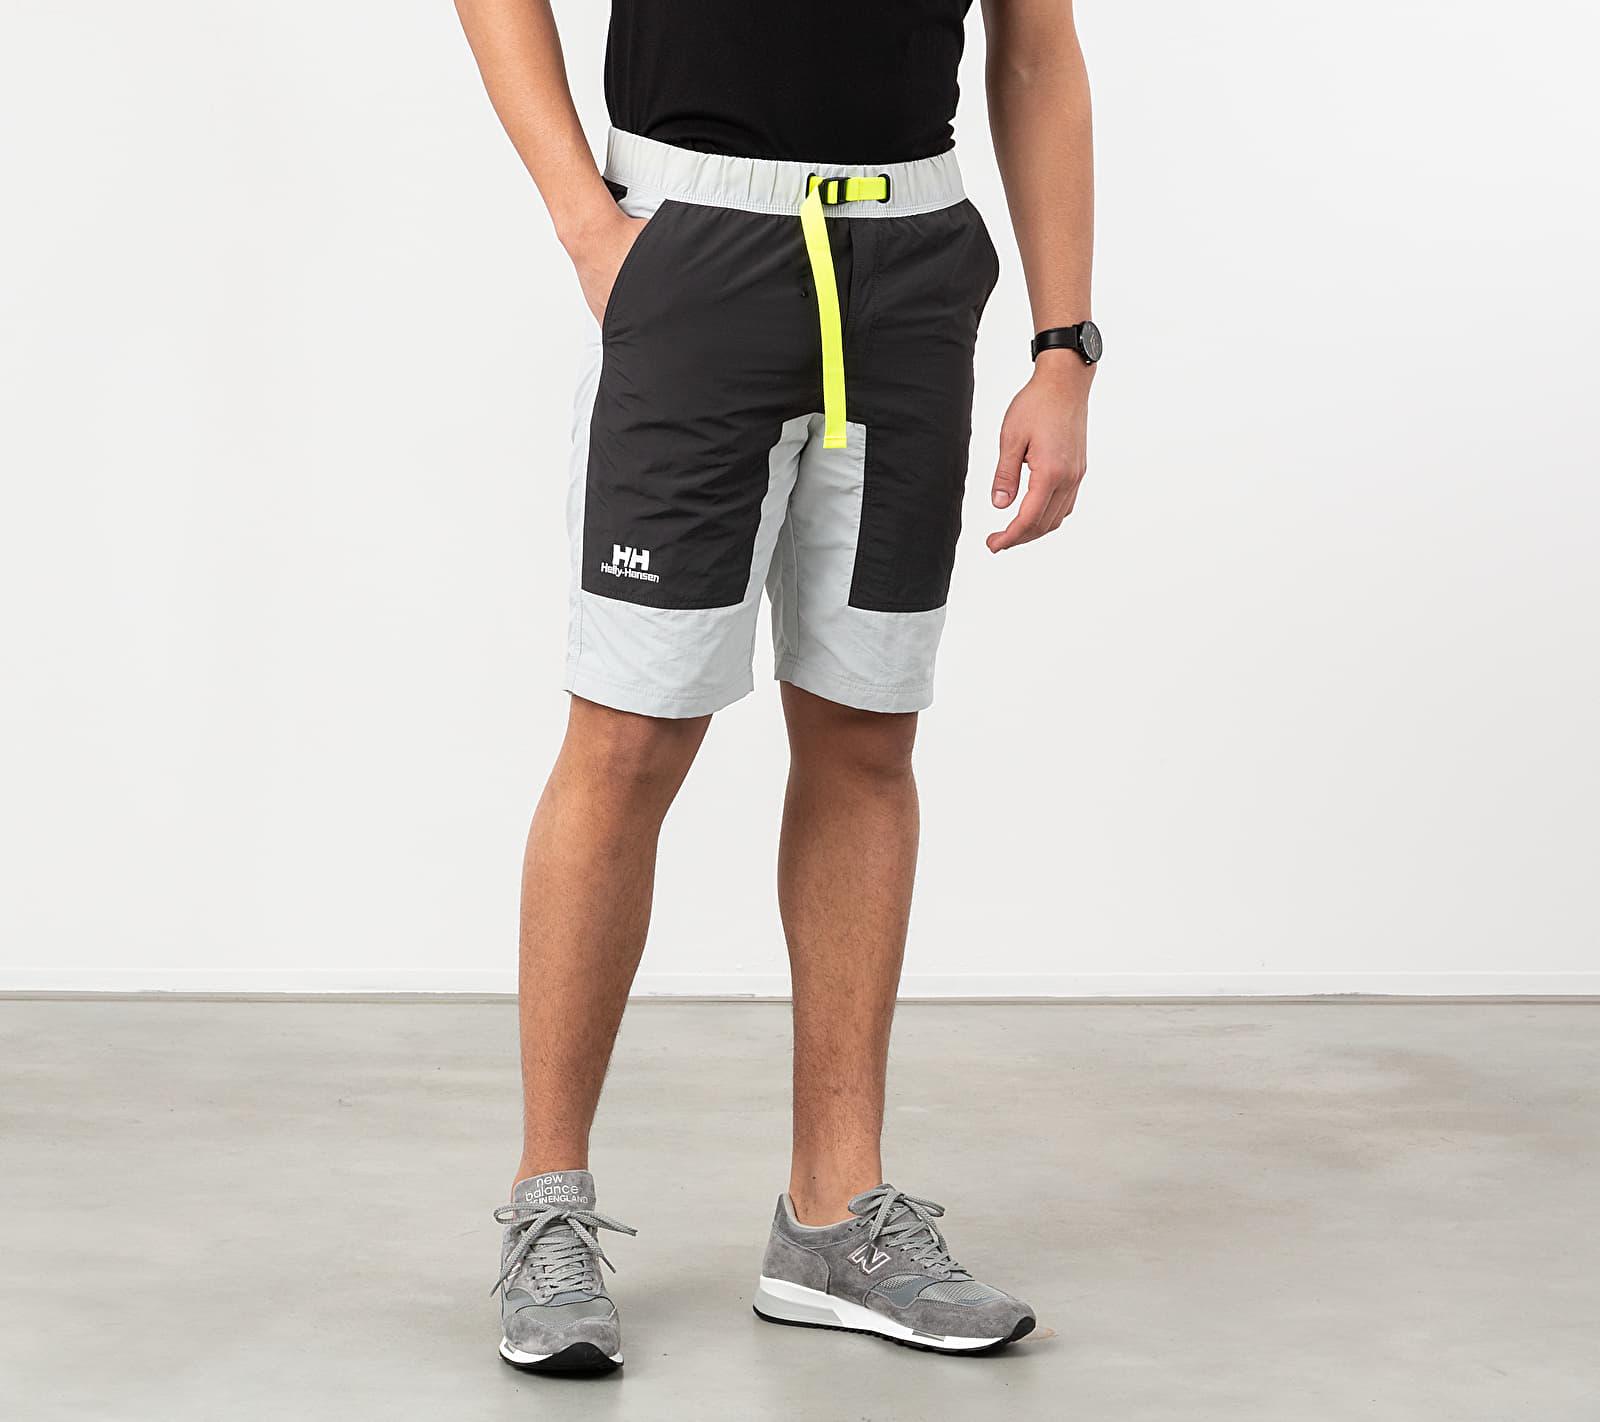 Helly Hansen YU20 Shorts Grey, Gray